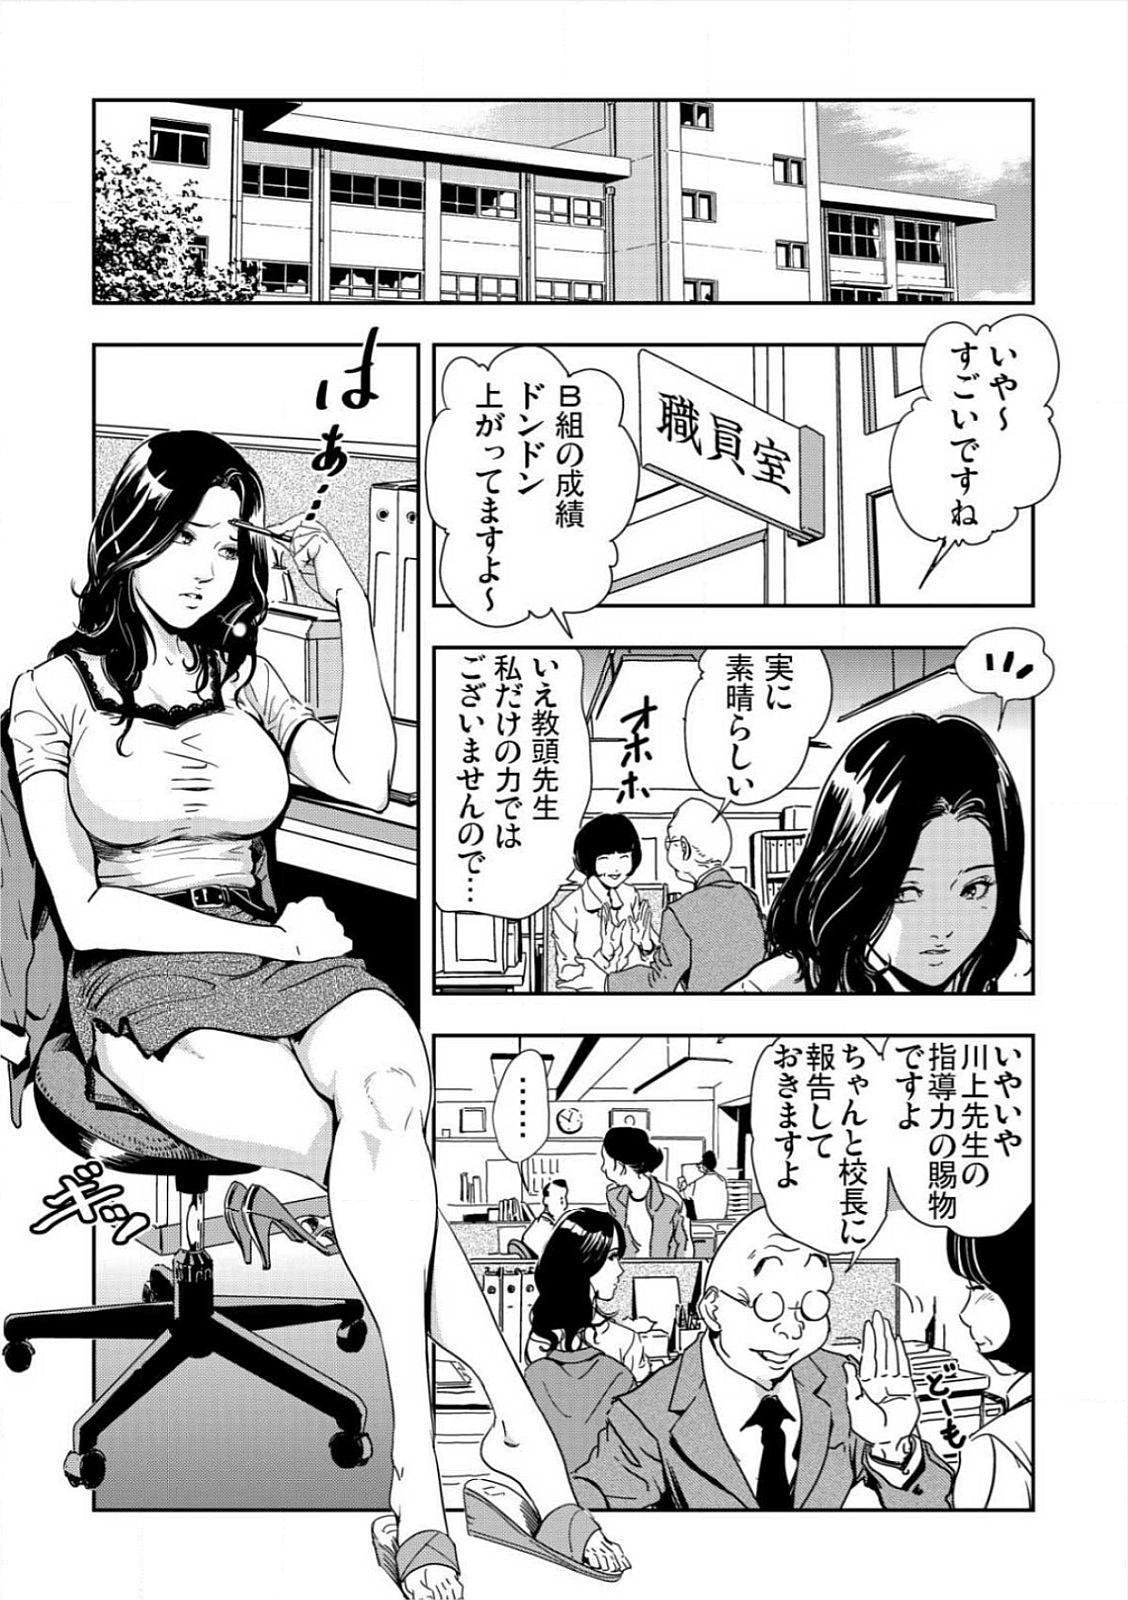 [Misaki Yukihiro] Kyousei Shidou ~Mechakucha ni Kegasarete~ (1)~(6) [Digital] 106